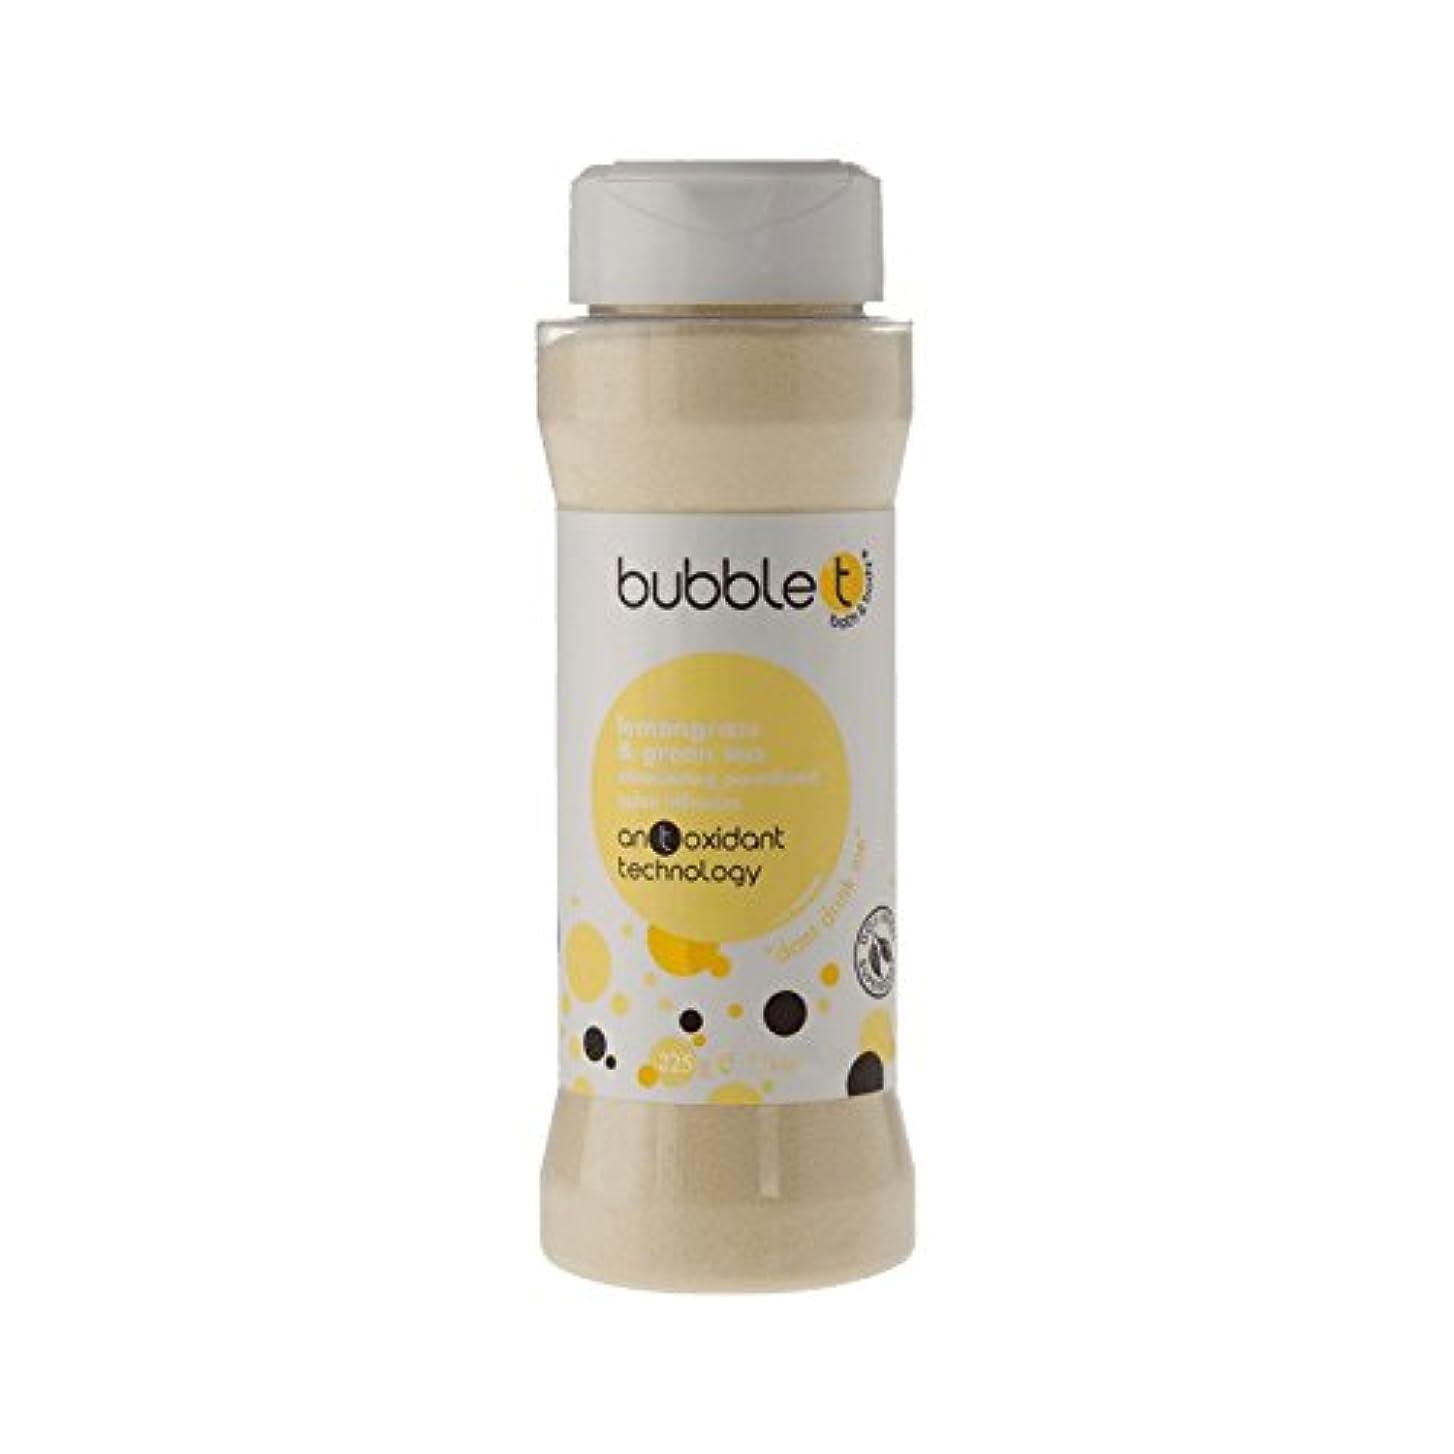 コック冷凍庫タクトバブルトン風呂スパイス注入レモングラス&緑茶225グラム - Bubble T Bath Spice Infusion Lemongrass & Green Tea 225g (Bubble T) [並行輸入品]